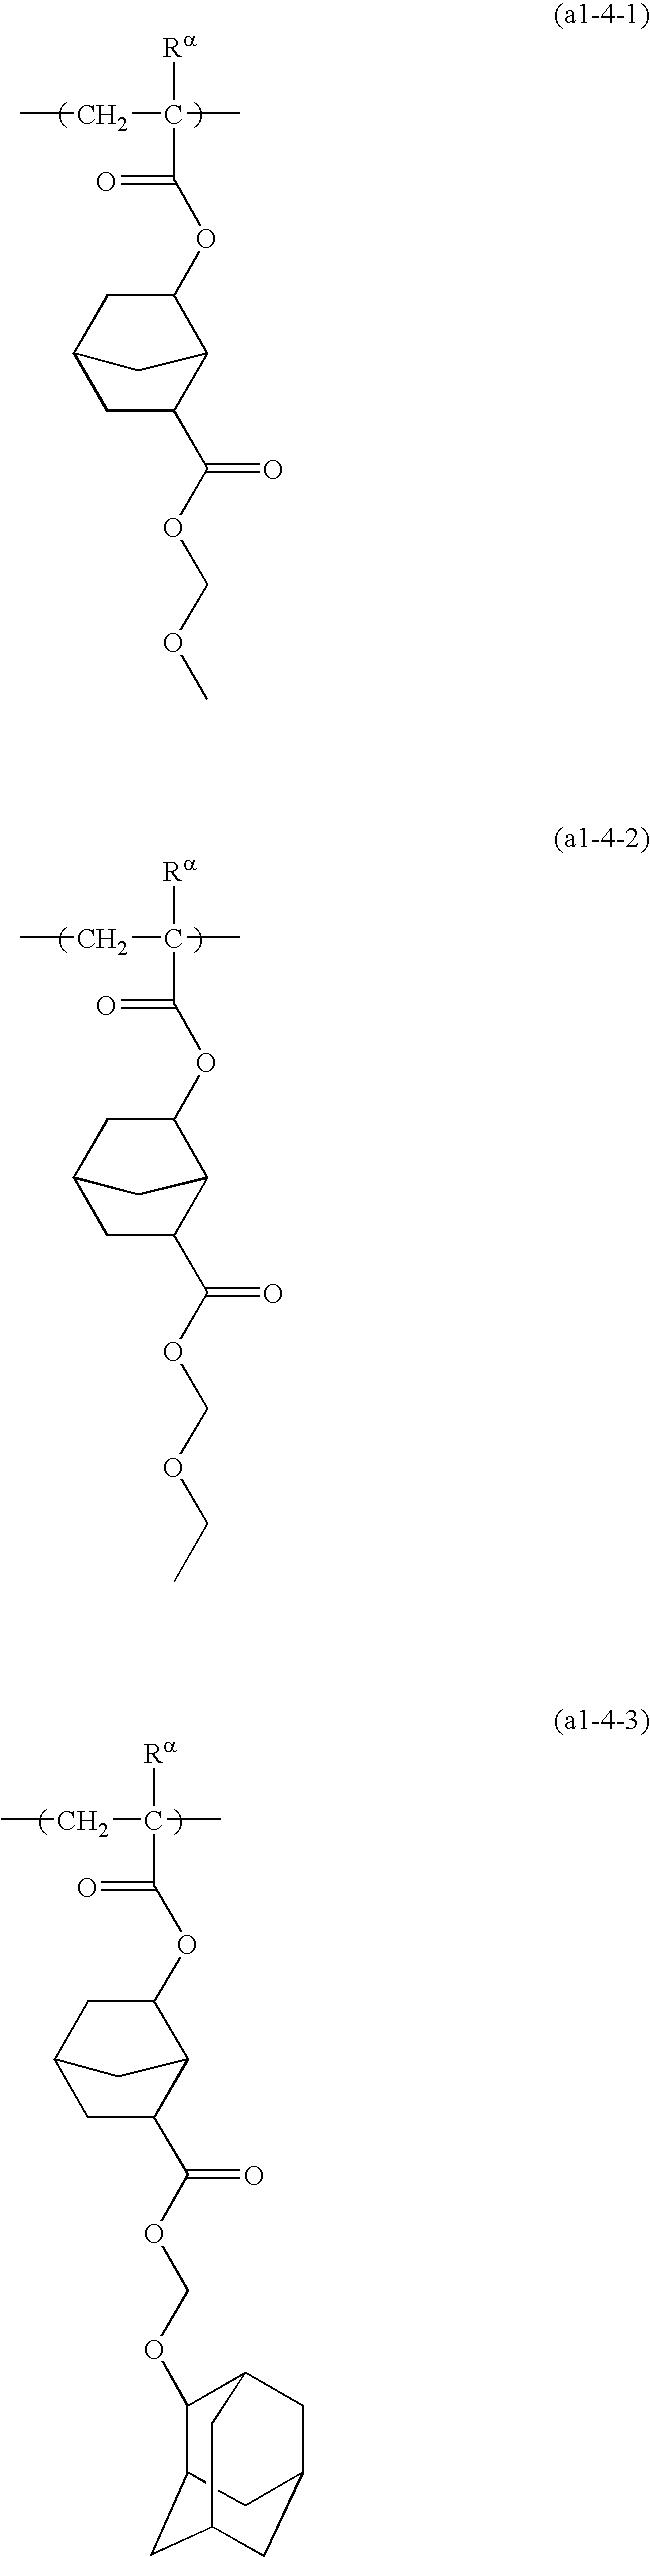 Figure US20100136480A1-20100603-C00043